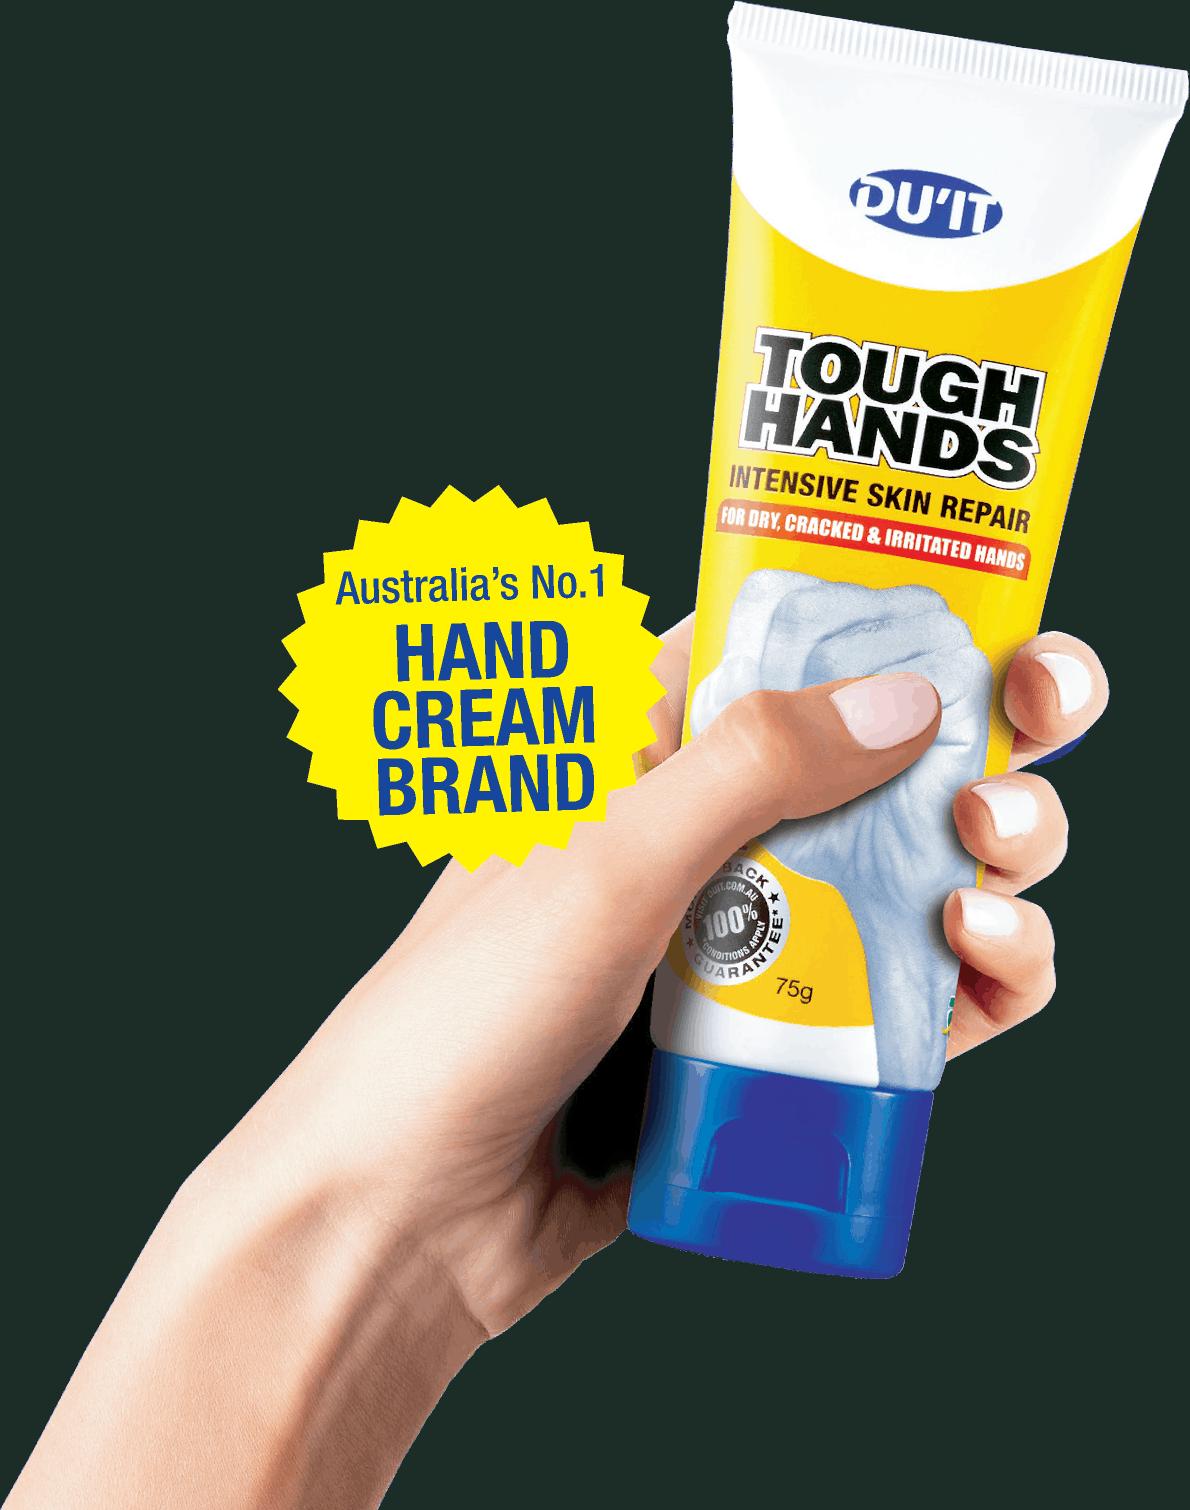 Tough Hands - DU'IT